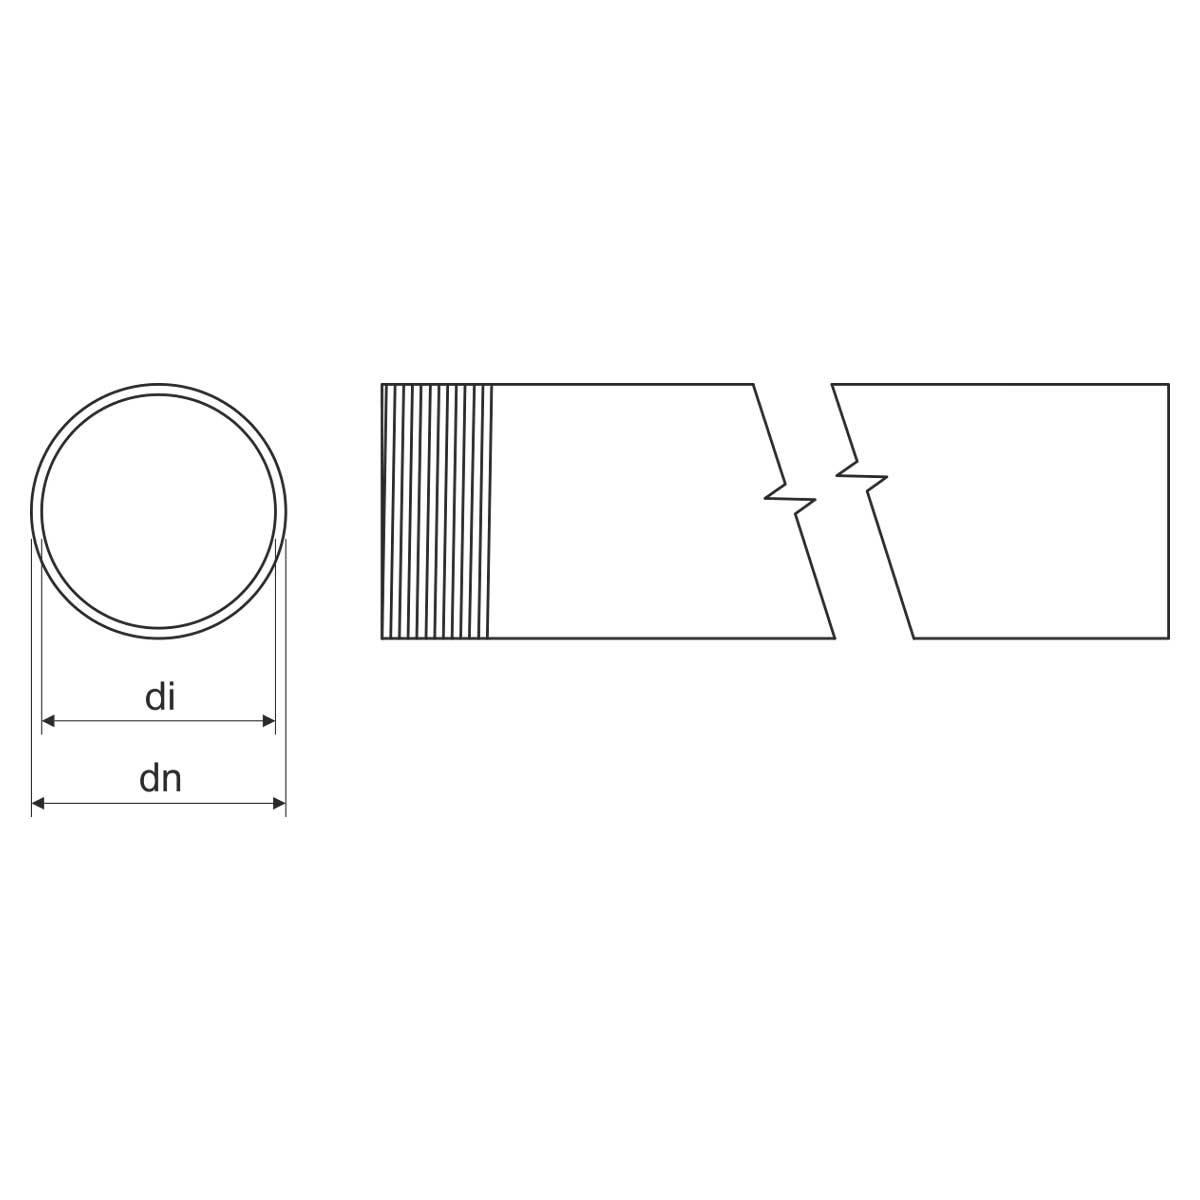 Труба сталева, гаряча оцинковка зануренням, з різьбою M63x1,5; з муфтою; діам зовн 63; внутр 58,8;  довжина 3м